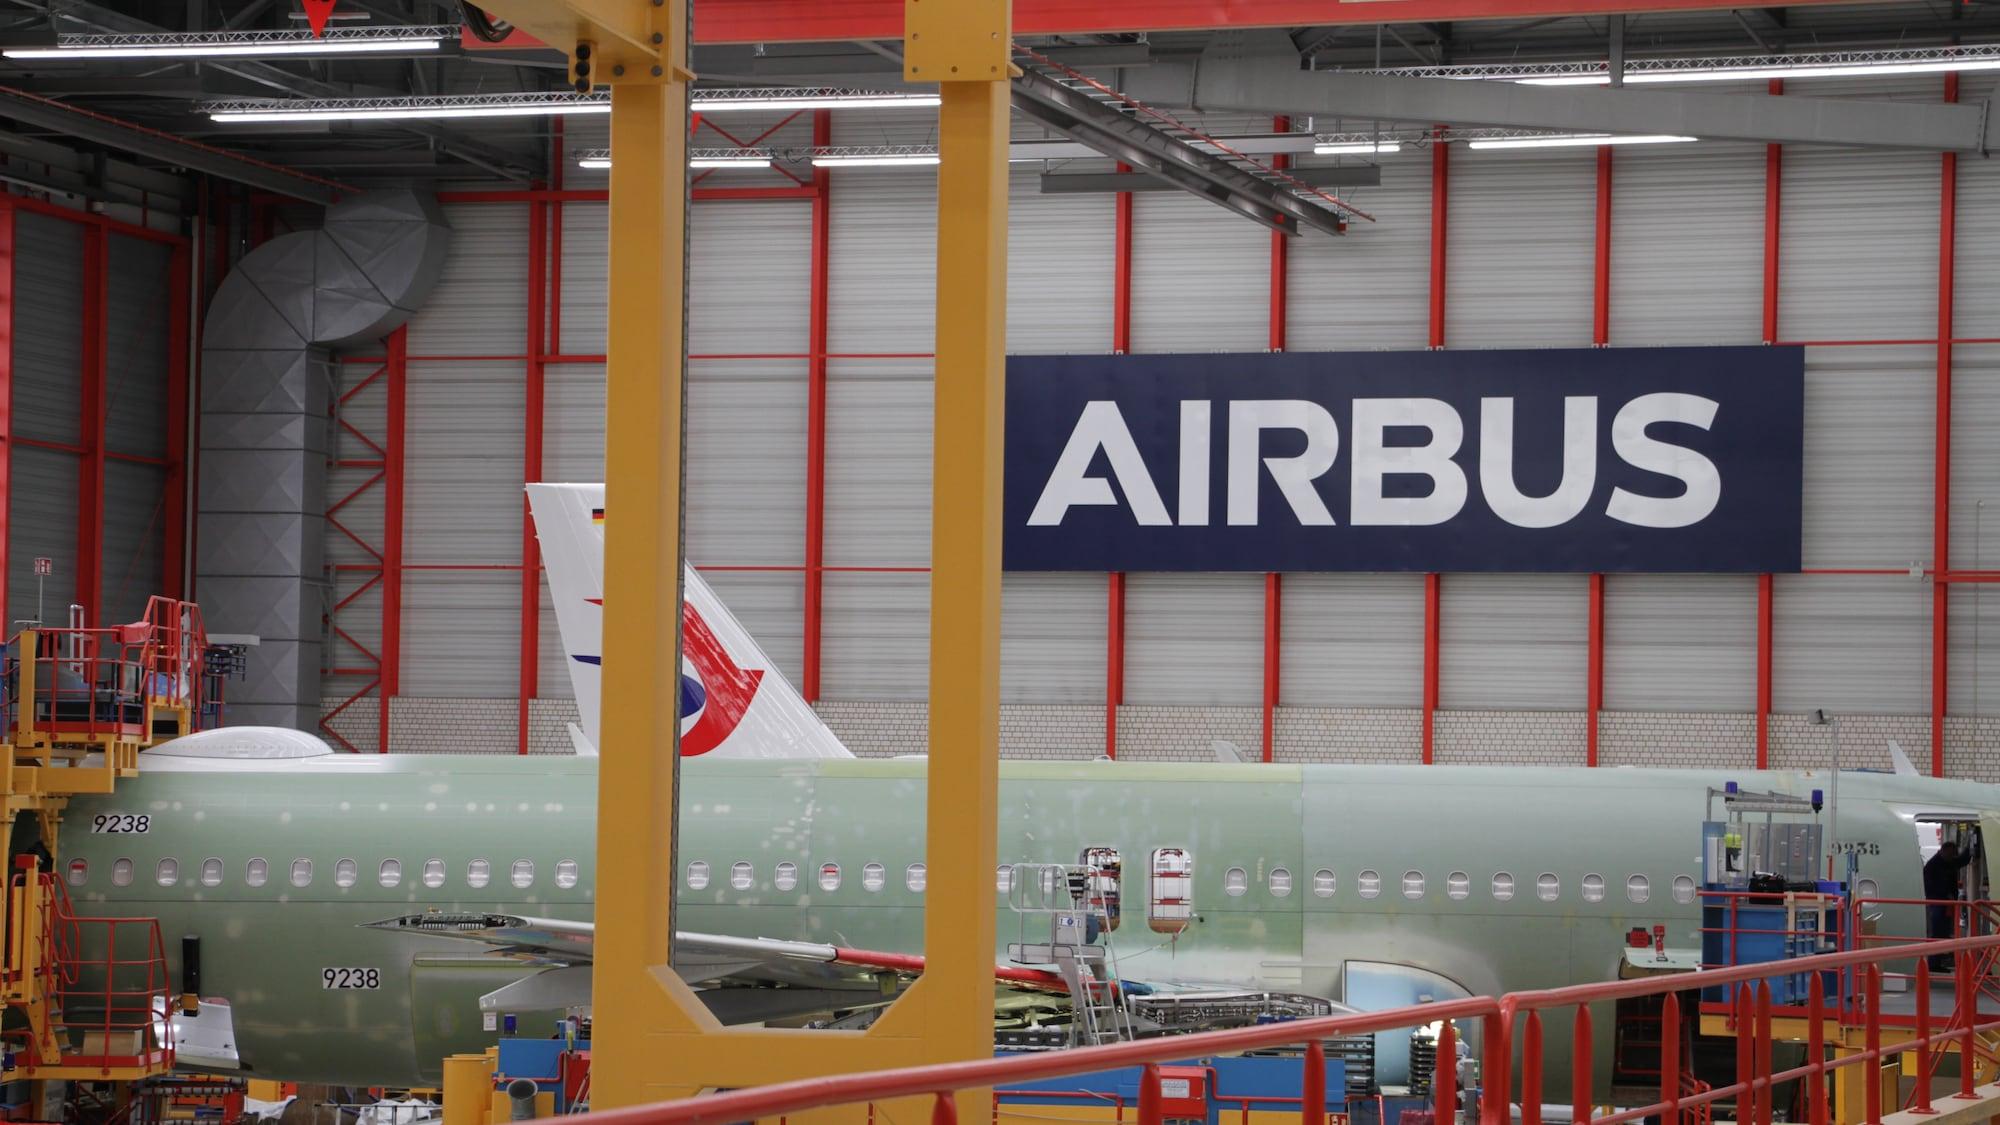 BLICK ins Airbus-Werk: Hier entsteht der erste A320 neo für die Swiss